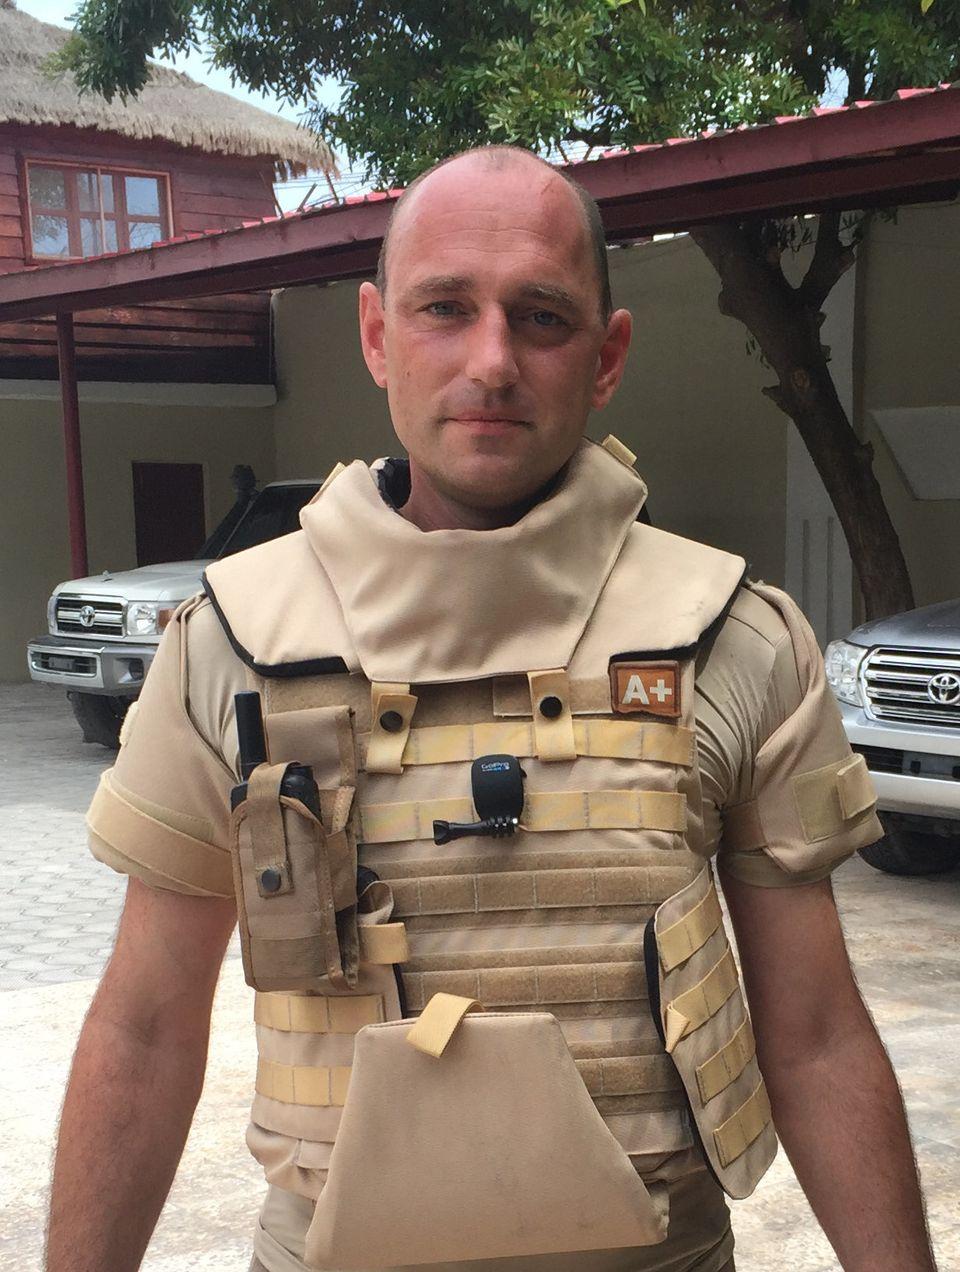 Bevan, 38, is the director of Conflict Armament